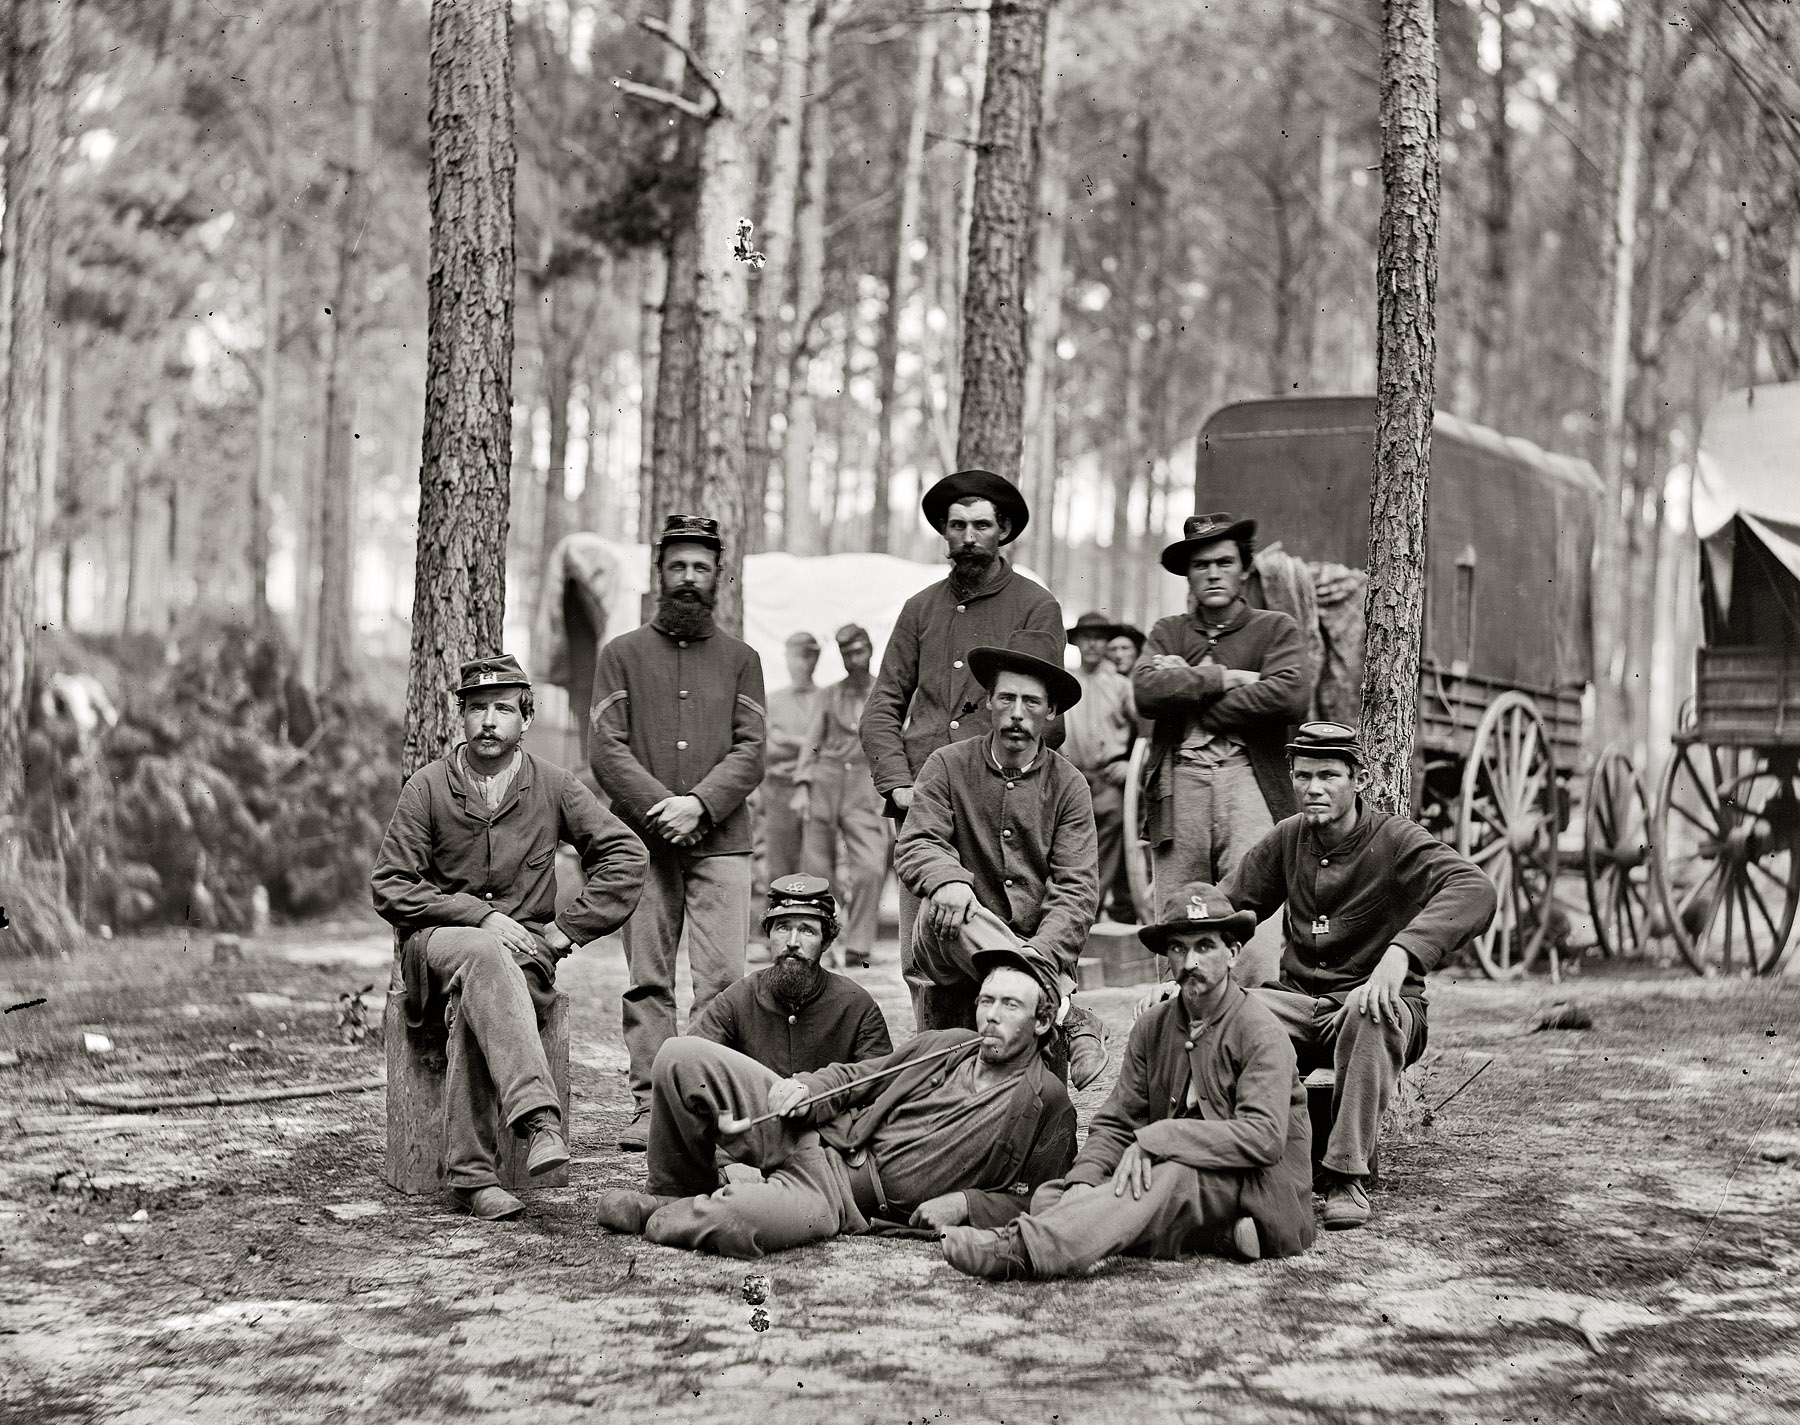 yhdysvaltojen sisällissodan syyt